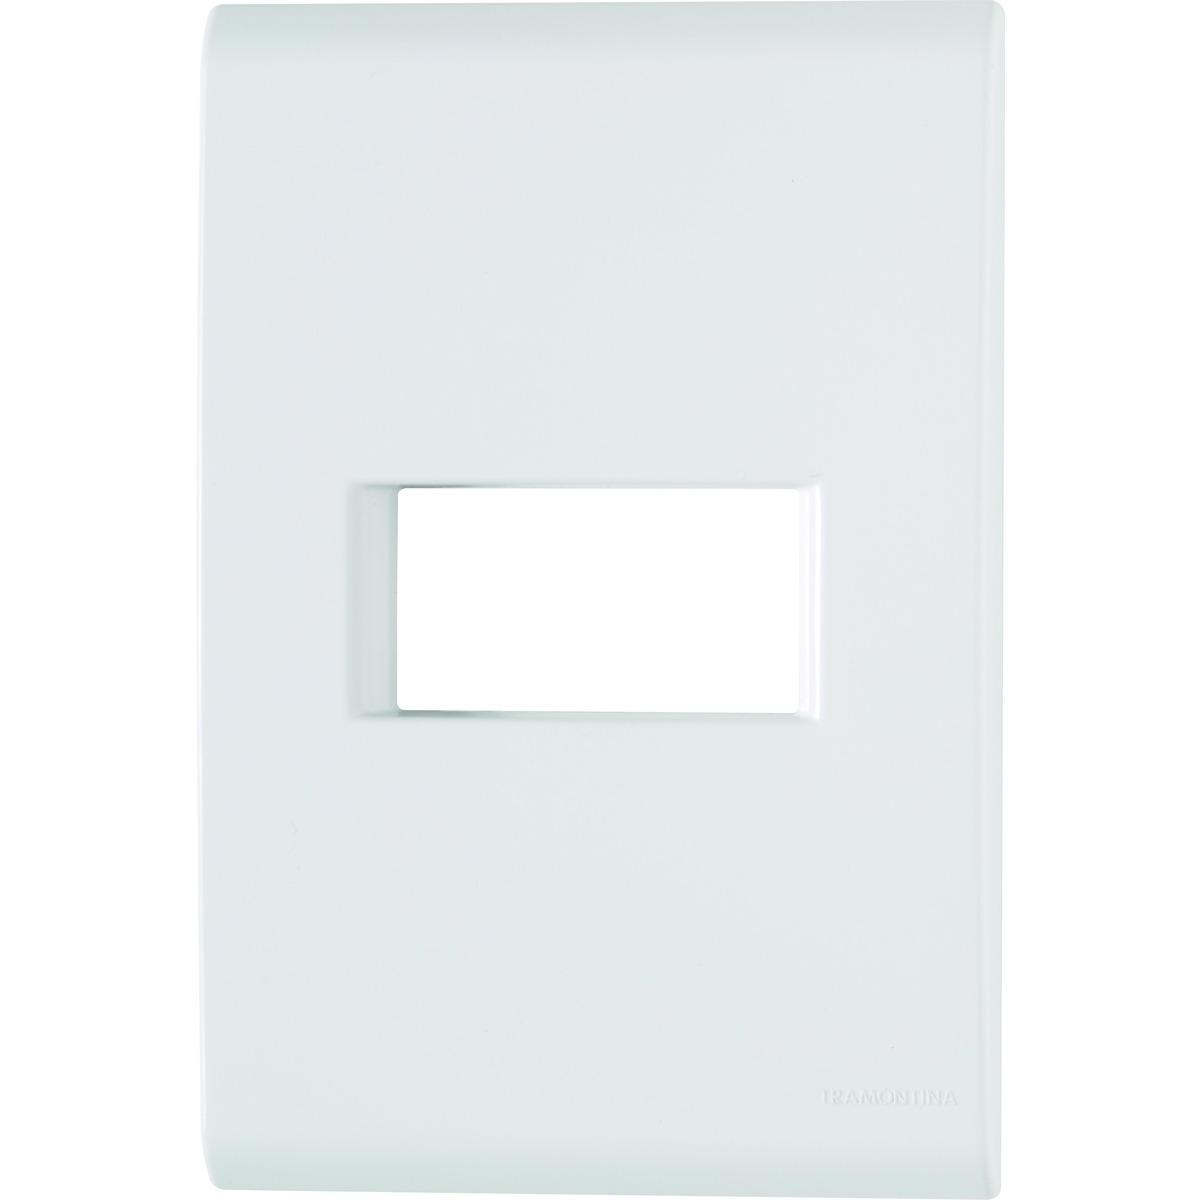 Placa 1 posto horizontal - 4x2 - Tramontina